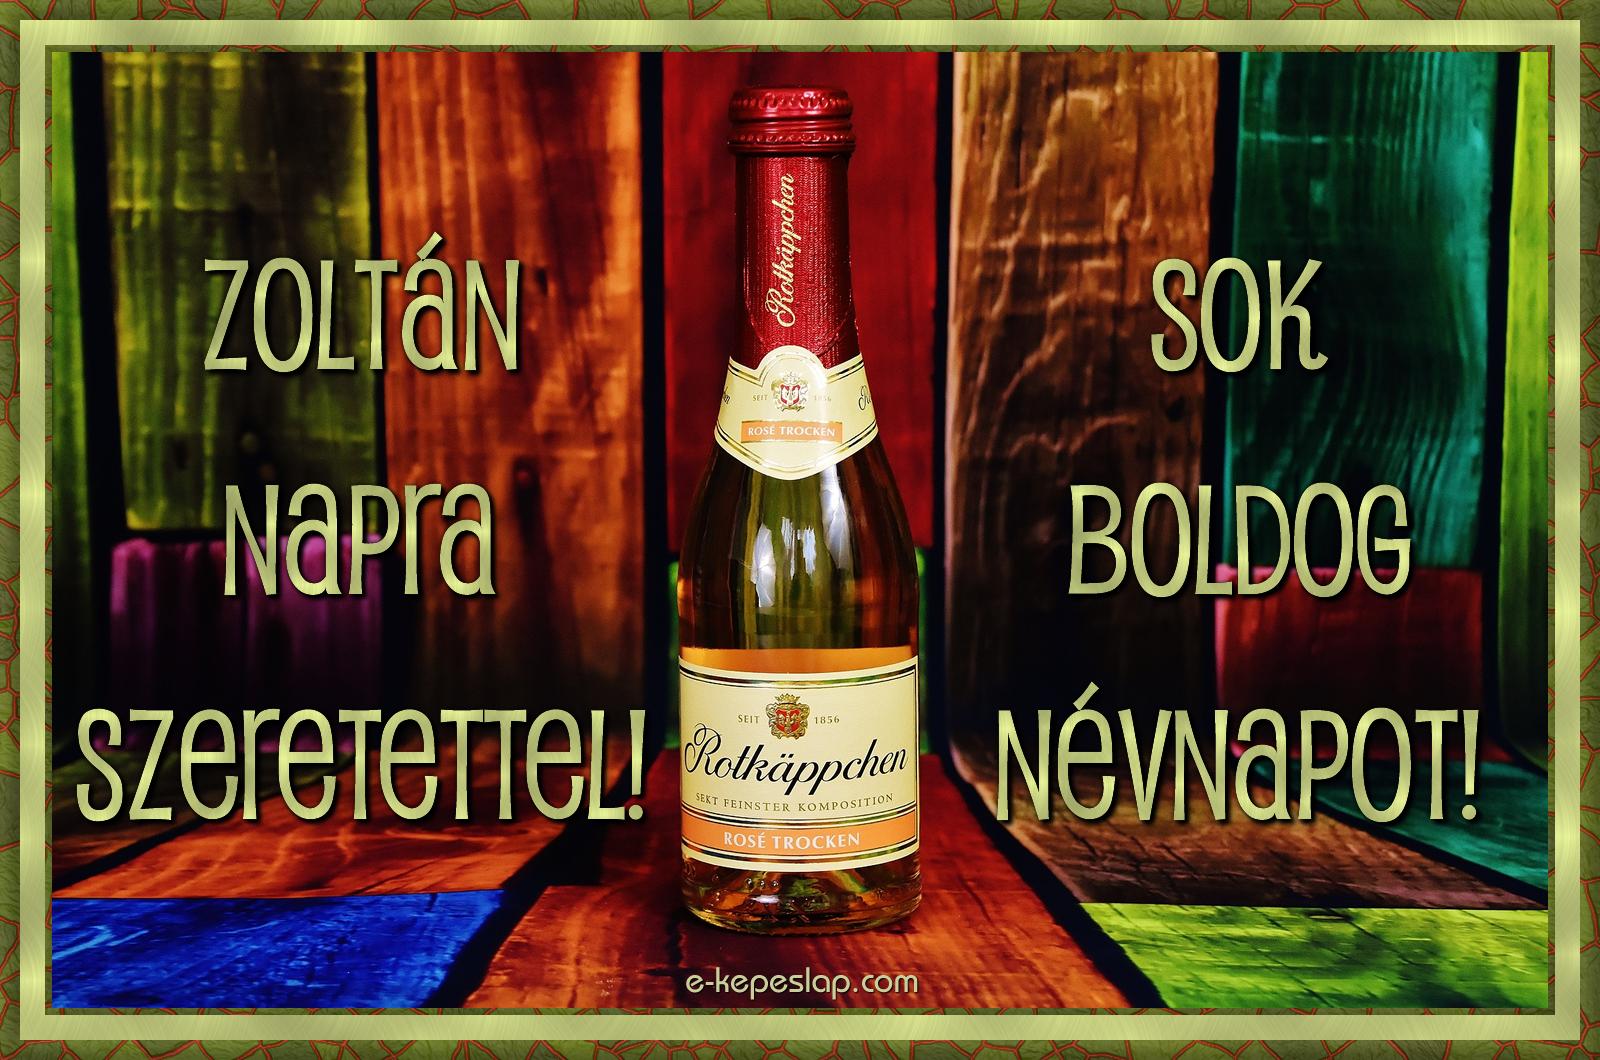 képek zoltán napra Névre szóló képeslap Zoltán napra   Képeslapküldés   e kepeslap.com képek zoltán napra